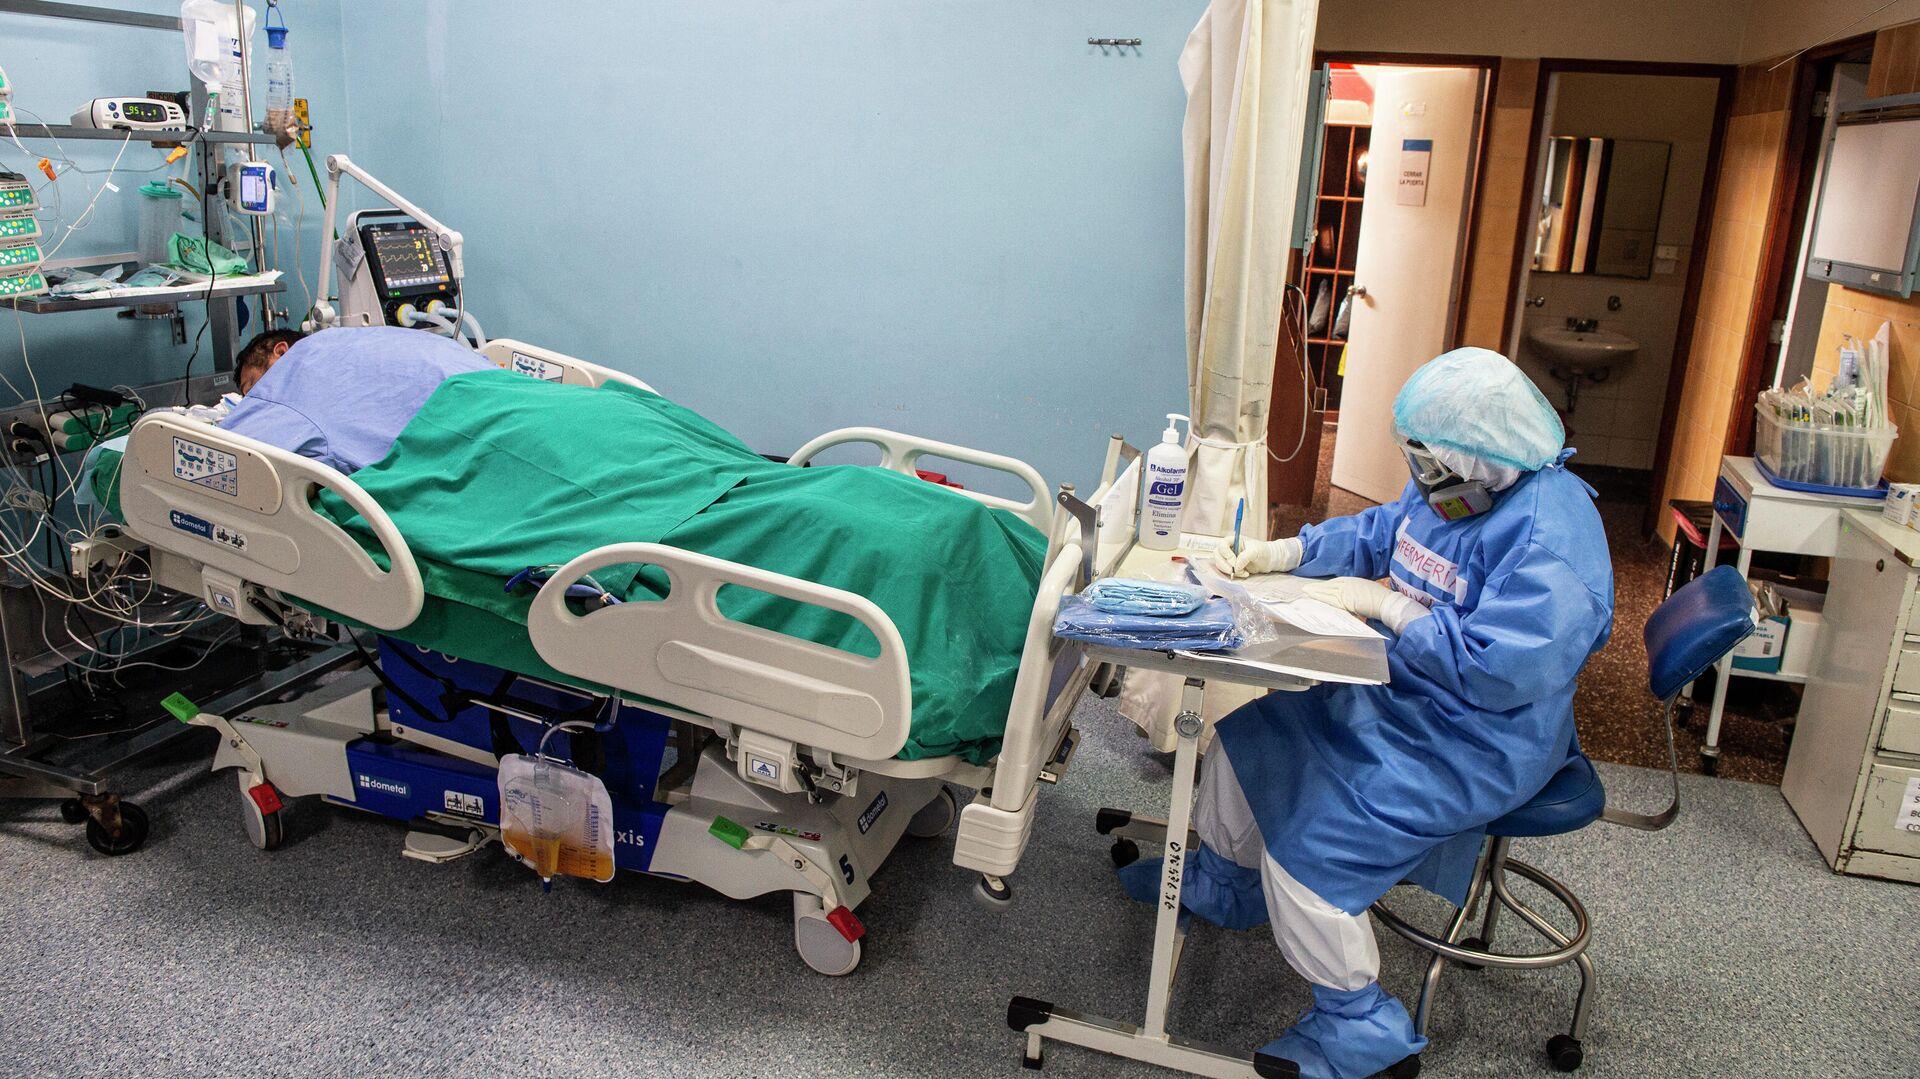 Un médico junto a un paciente con COVID-19 en un hospital de Lima, Perú - Sputnik Mundo, 1920, 22.03.2021